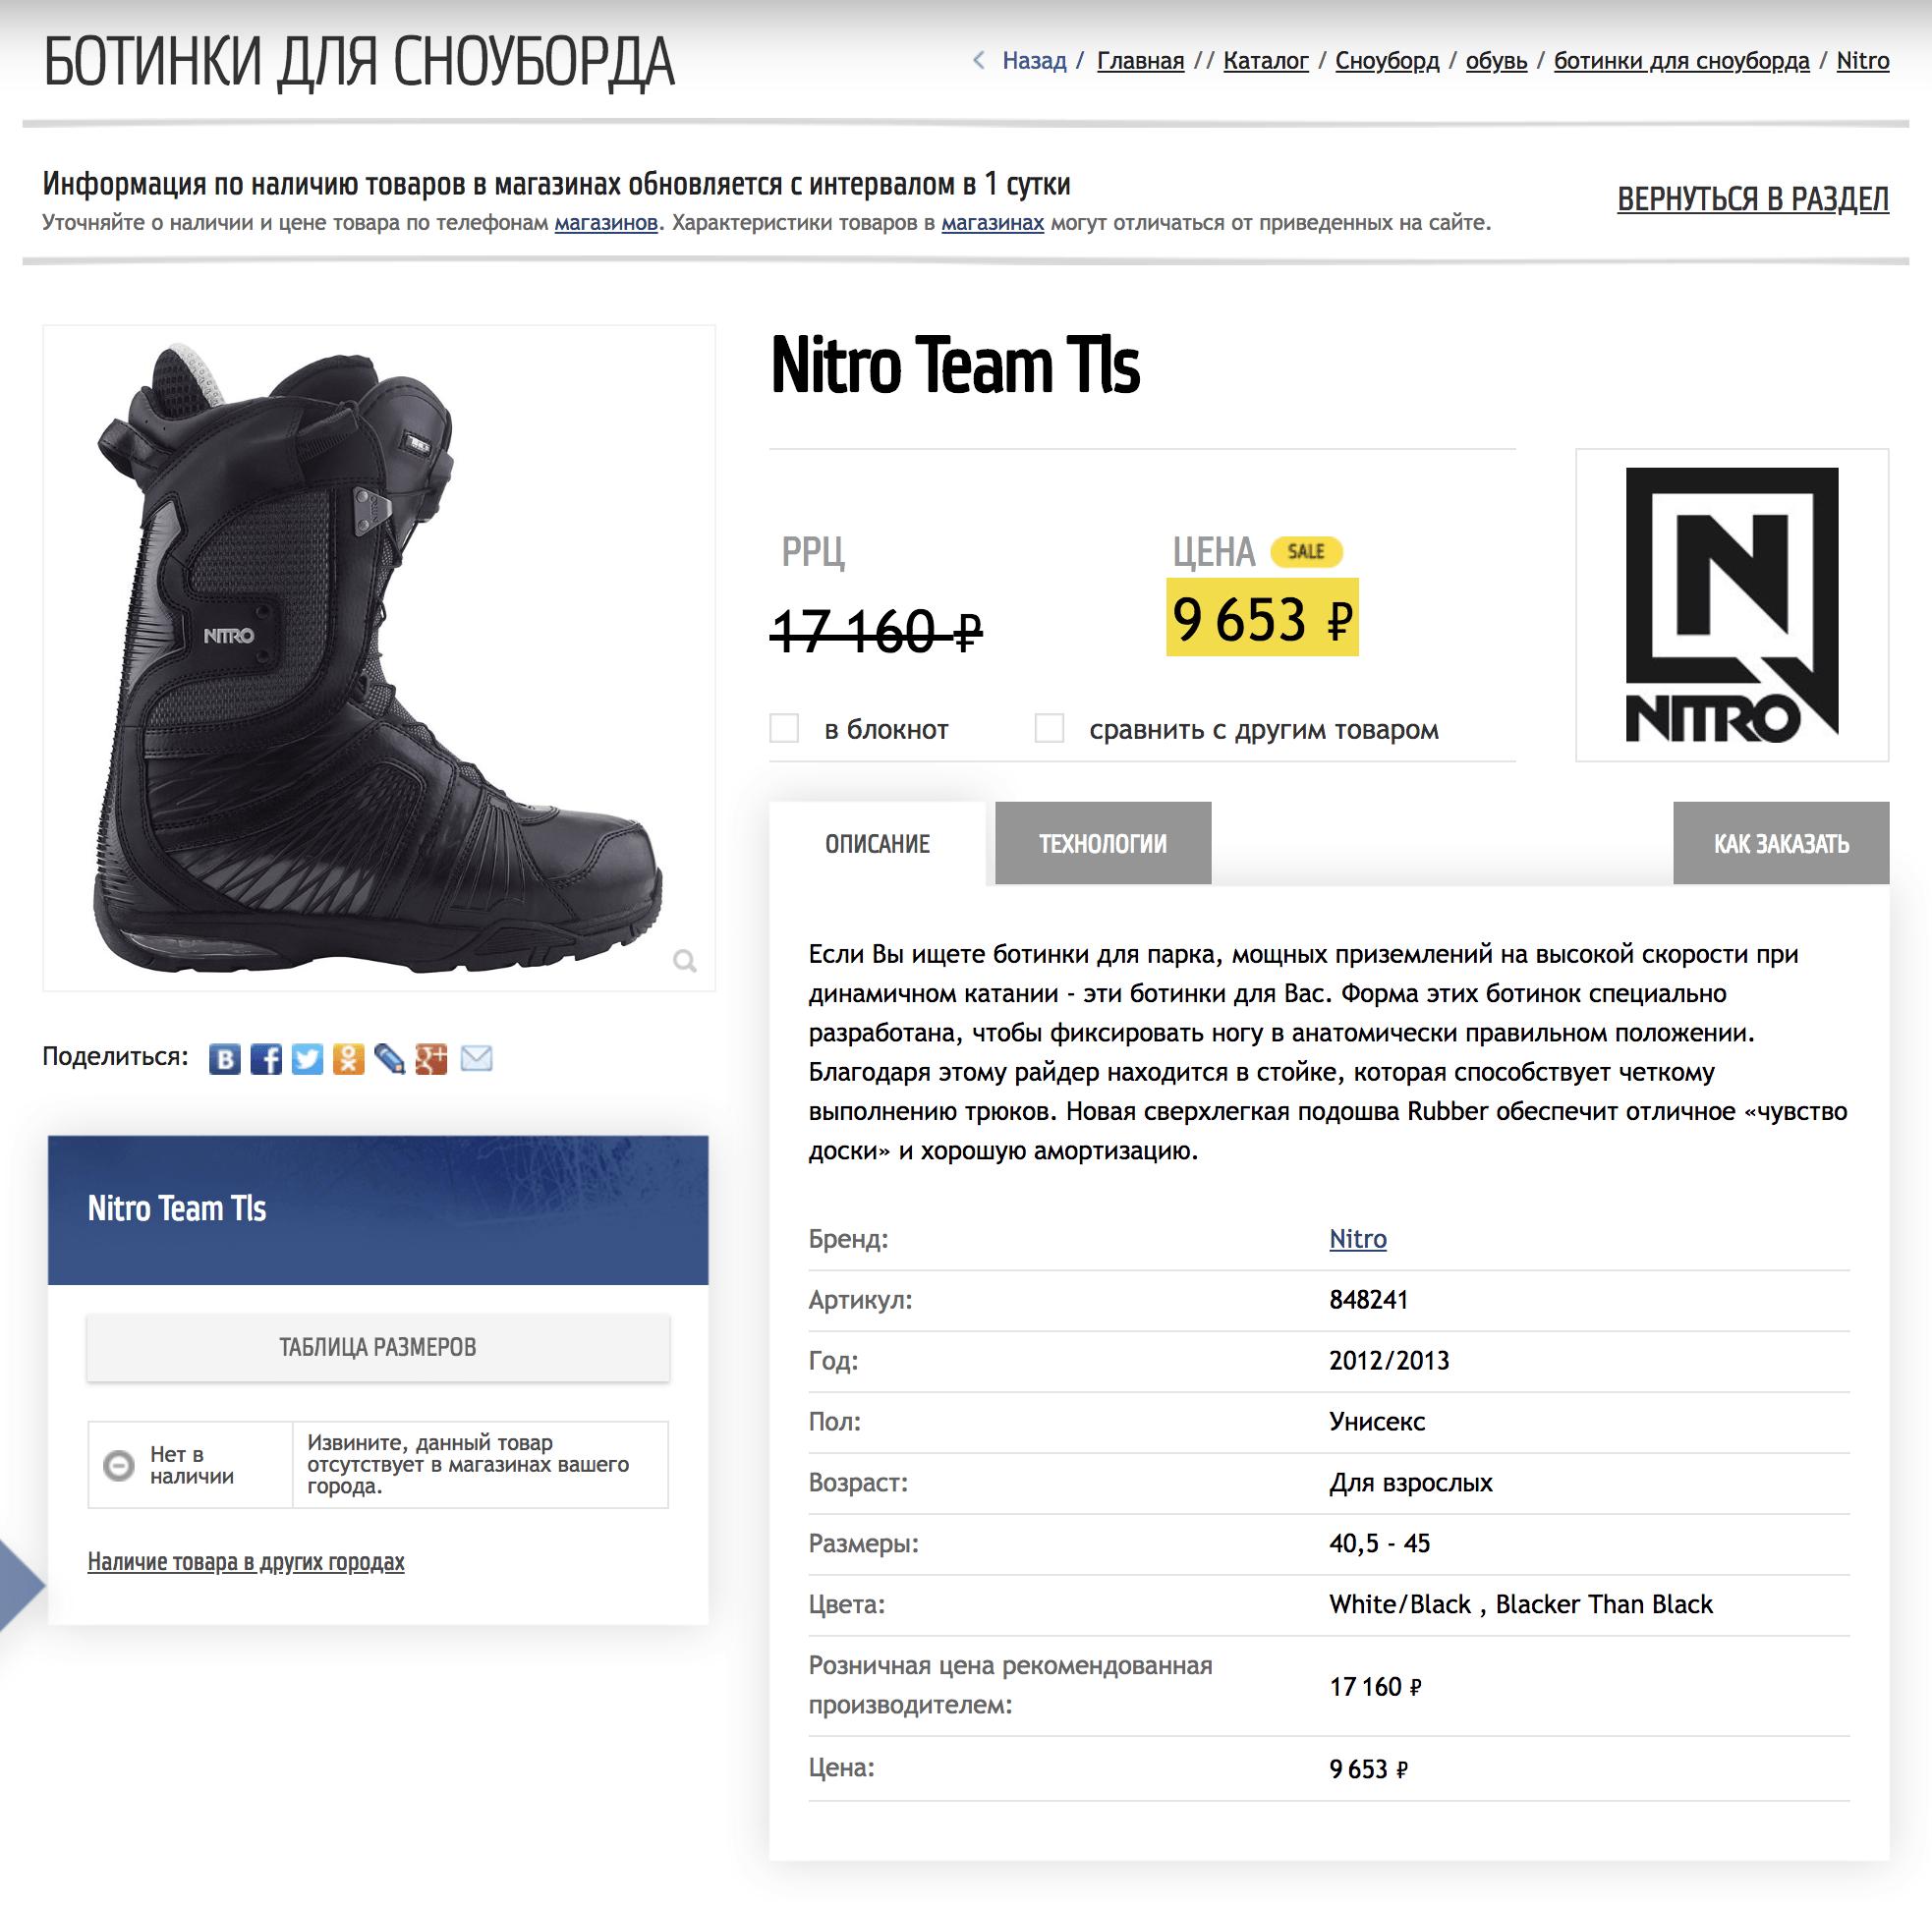 Новые ботинки той же фирмы в интернет-магазине за 9653 р.. Источник: Триал-спорт